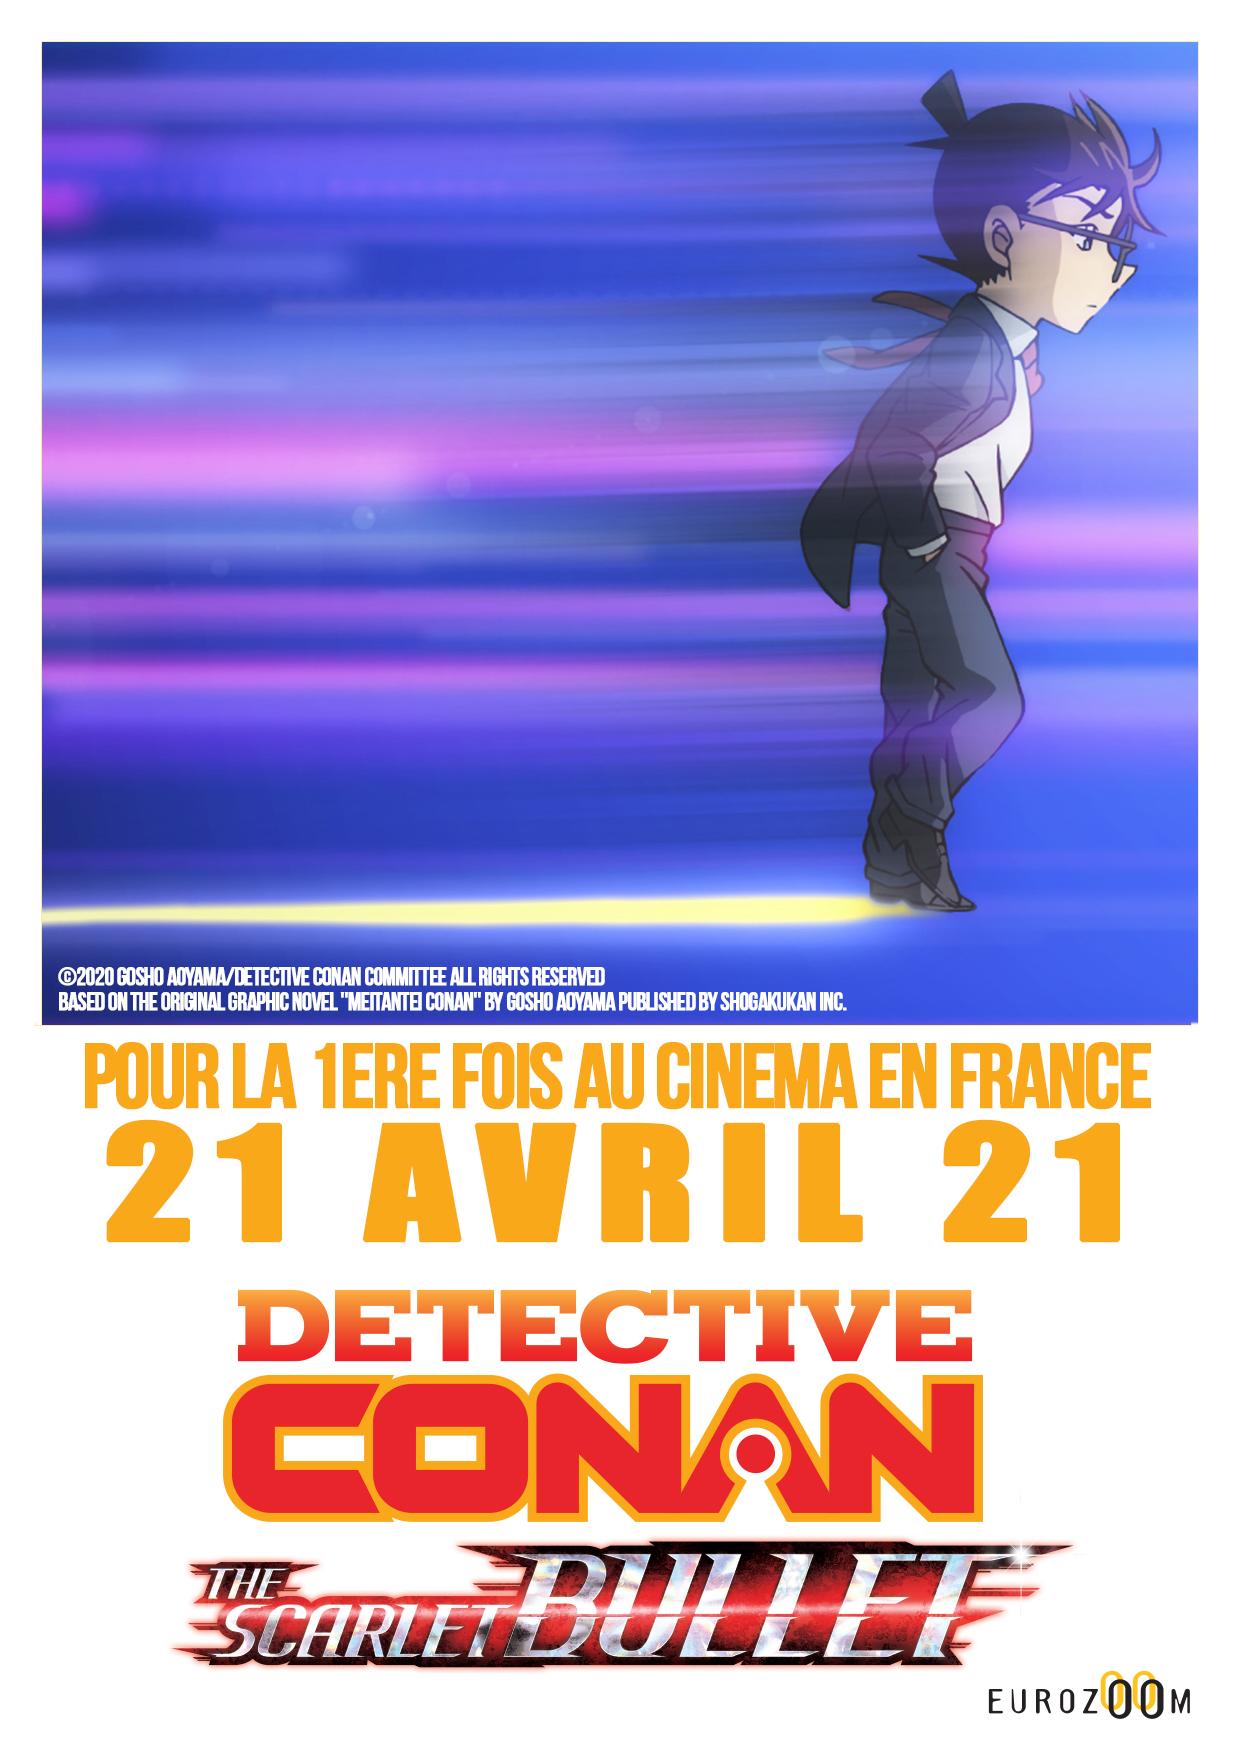 Détective Conan The Scarlet Bullet Visuel France